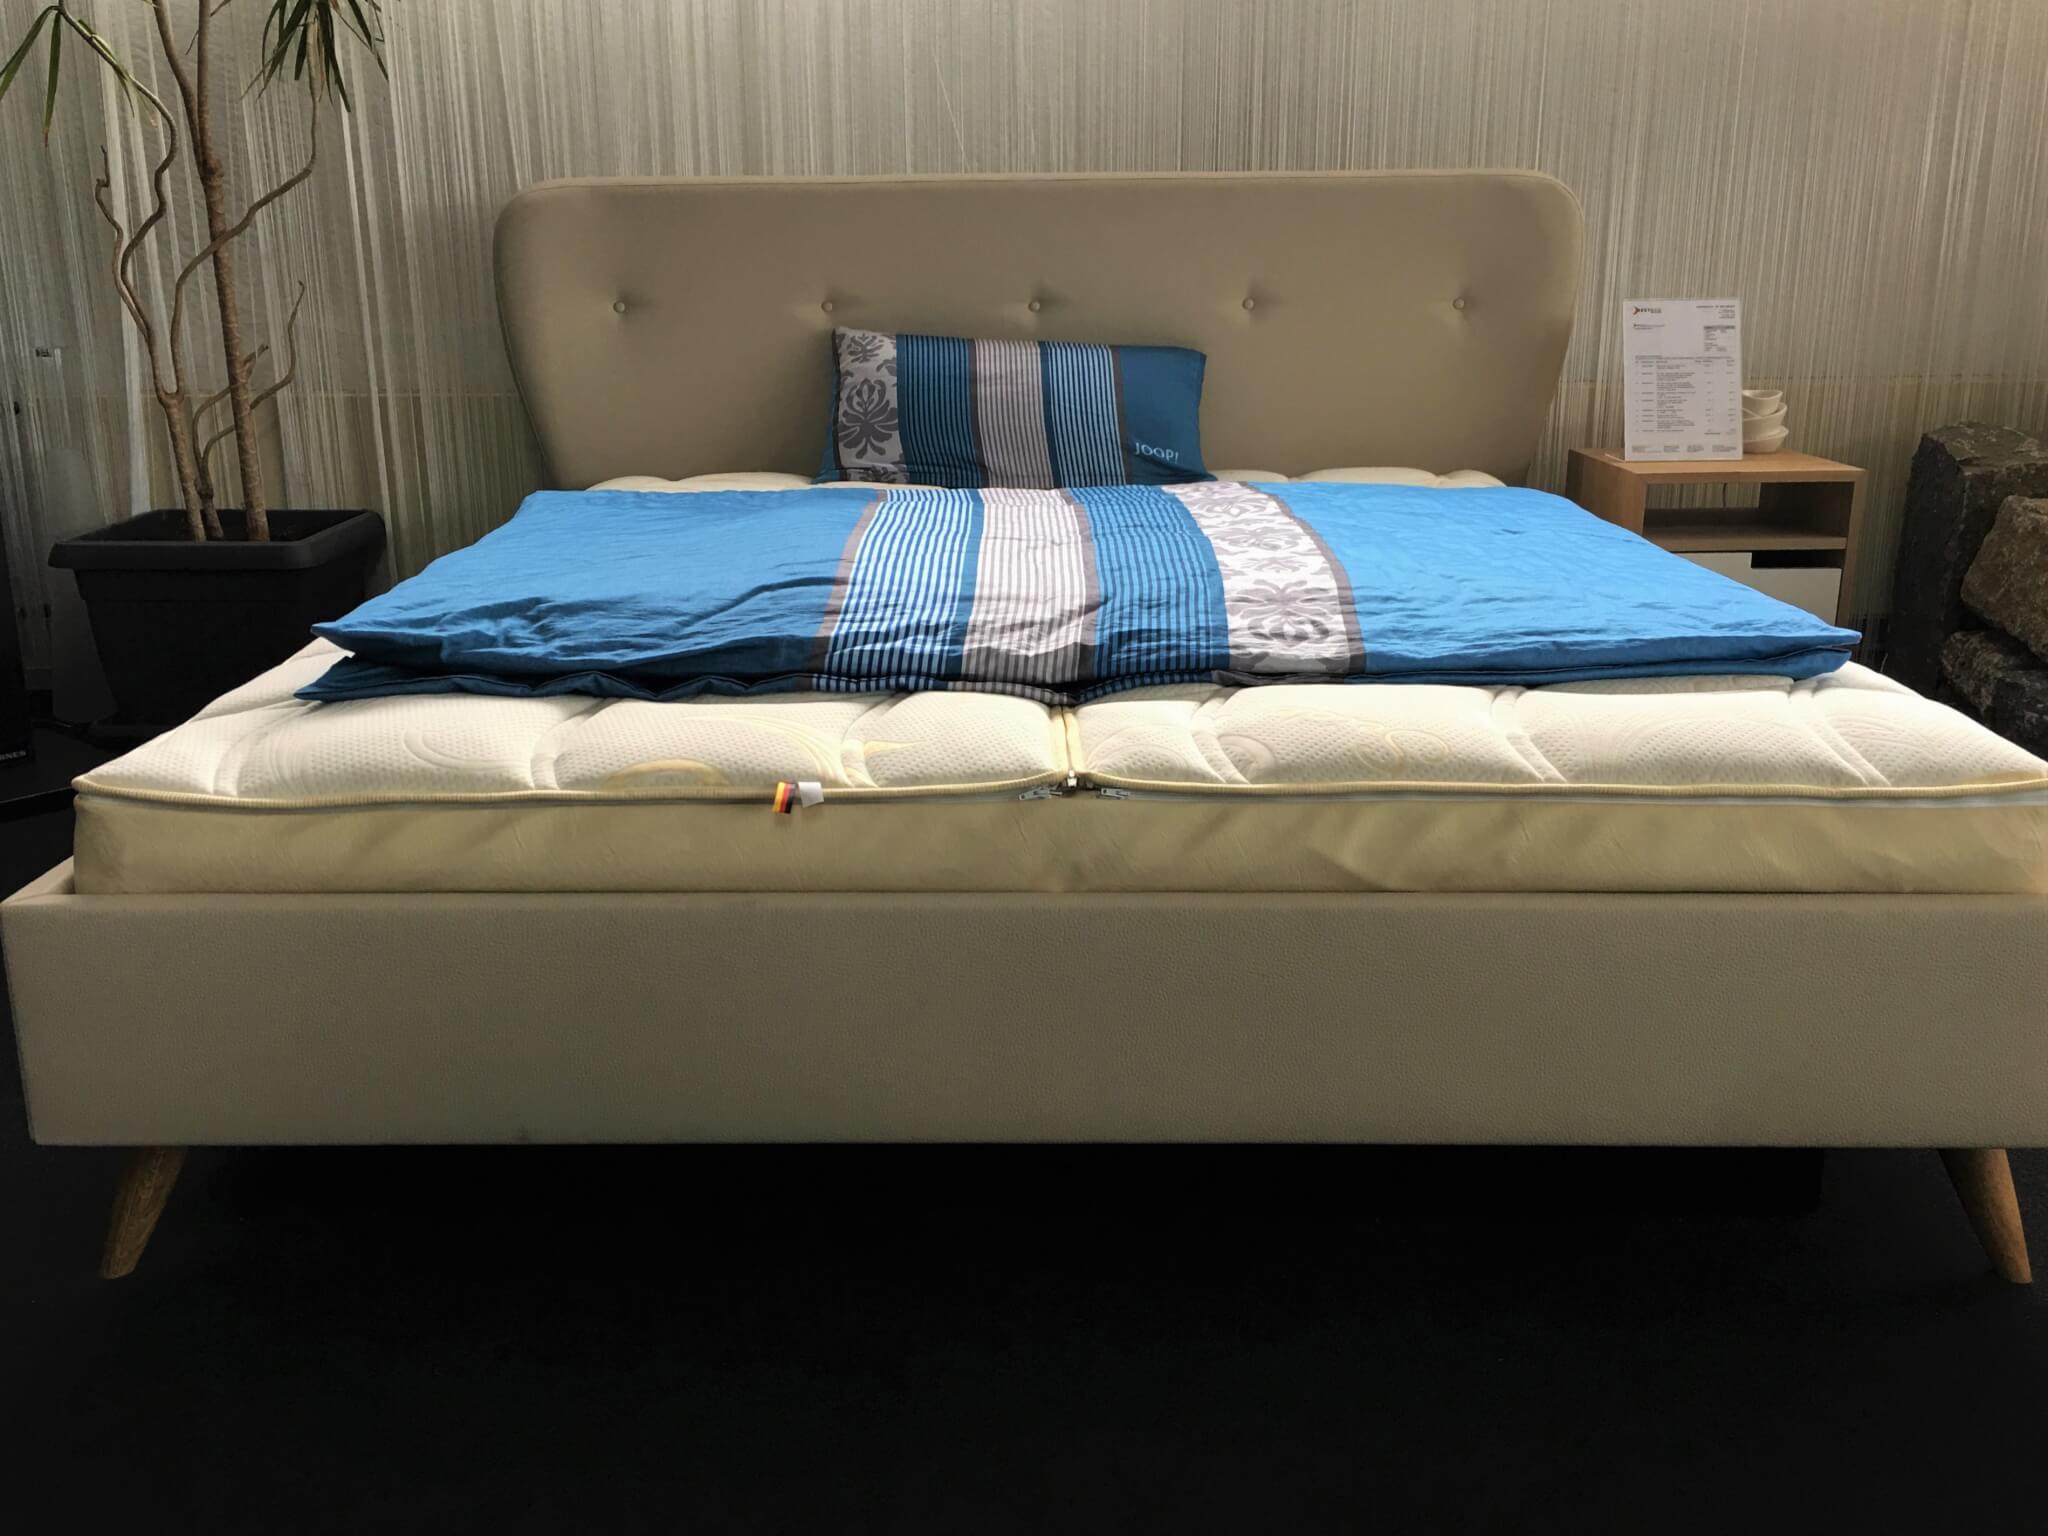 sonderangebot anahita gel vital gelbett mit largo bettrahmen bestbed betten die. Black Bedroom Furniture Sets. Home Design Ideas